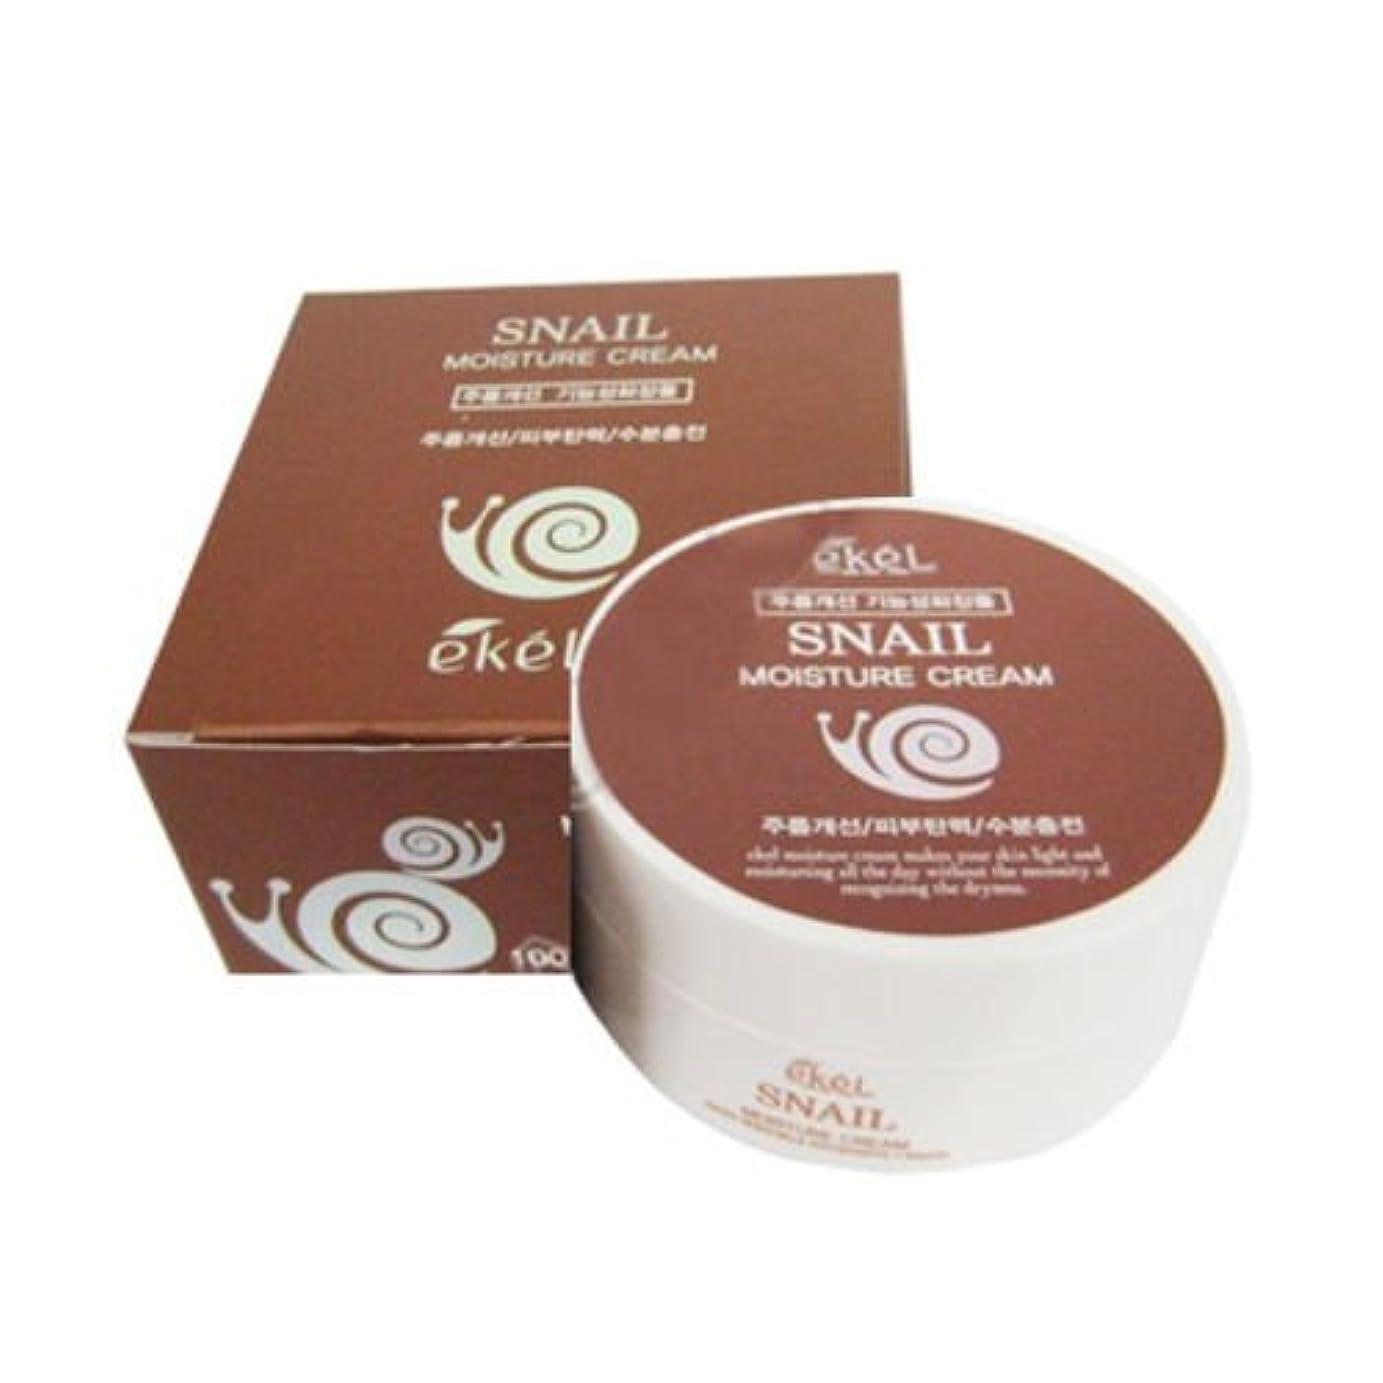 コンソール友情好色なイケル[韓国コスメEkel]Snail Moisture Cream カタツムリモイスチャークリーム100g [並行輸入品]